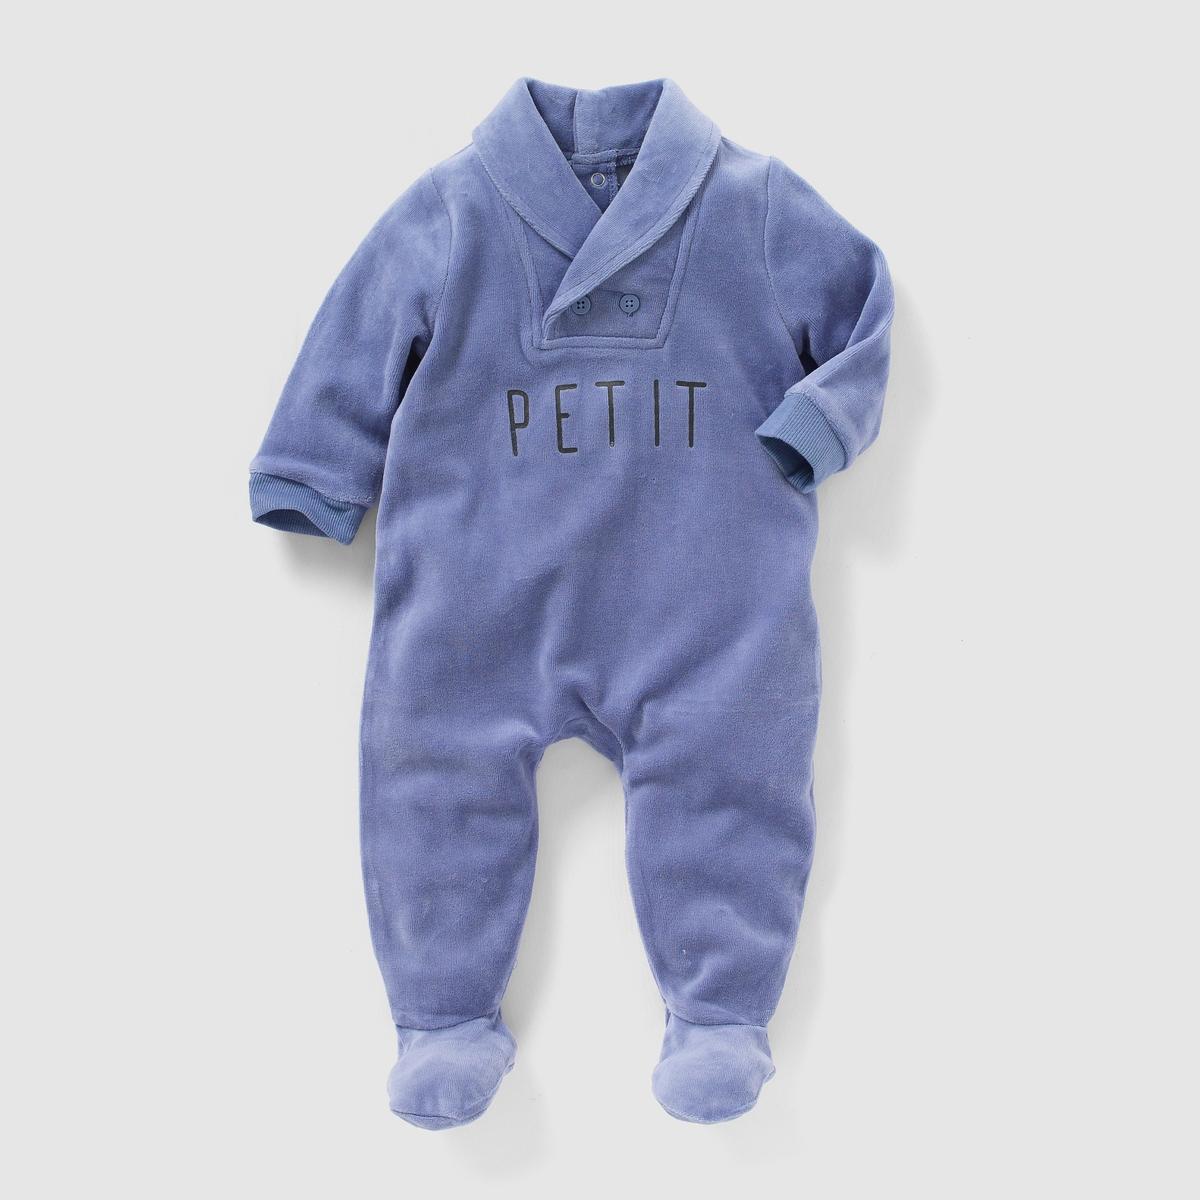 Пижама из велюра, 0 месяцев - 3 годаВелюровая пижама. Шалевый воротник с пуговицами. Надпись спереди. Клапан на кнопках и застежка на кнопки сзади. Нескользящая подошва начиная с размера 74 см (12 месяцев), эластичные вставки сзади для лучшей поддержки.Состав и описаниеМатериал: 75% хлопка, 25% полиэстера.Марка:   R mini УходСтирать и гладить с изнанки.Машинная стирка при 30°С в умеренном режиме с вещами подобных цветов.Машинная сушка в умеренном режиме.Гладить на средней температуре.<br><br>Цвет: синий